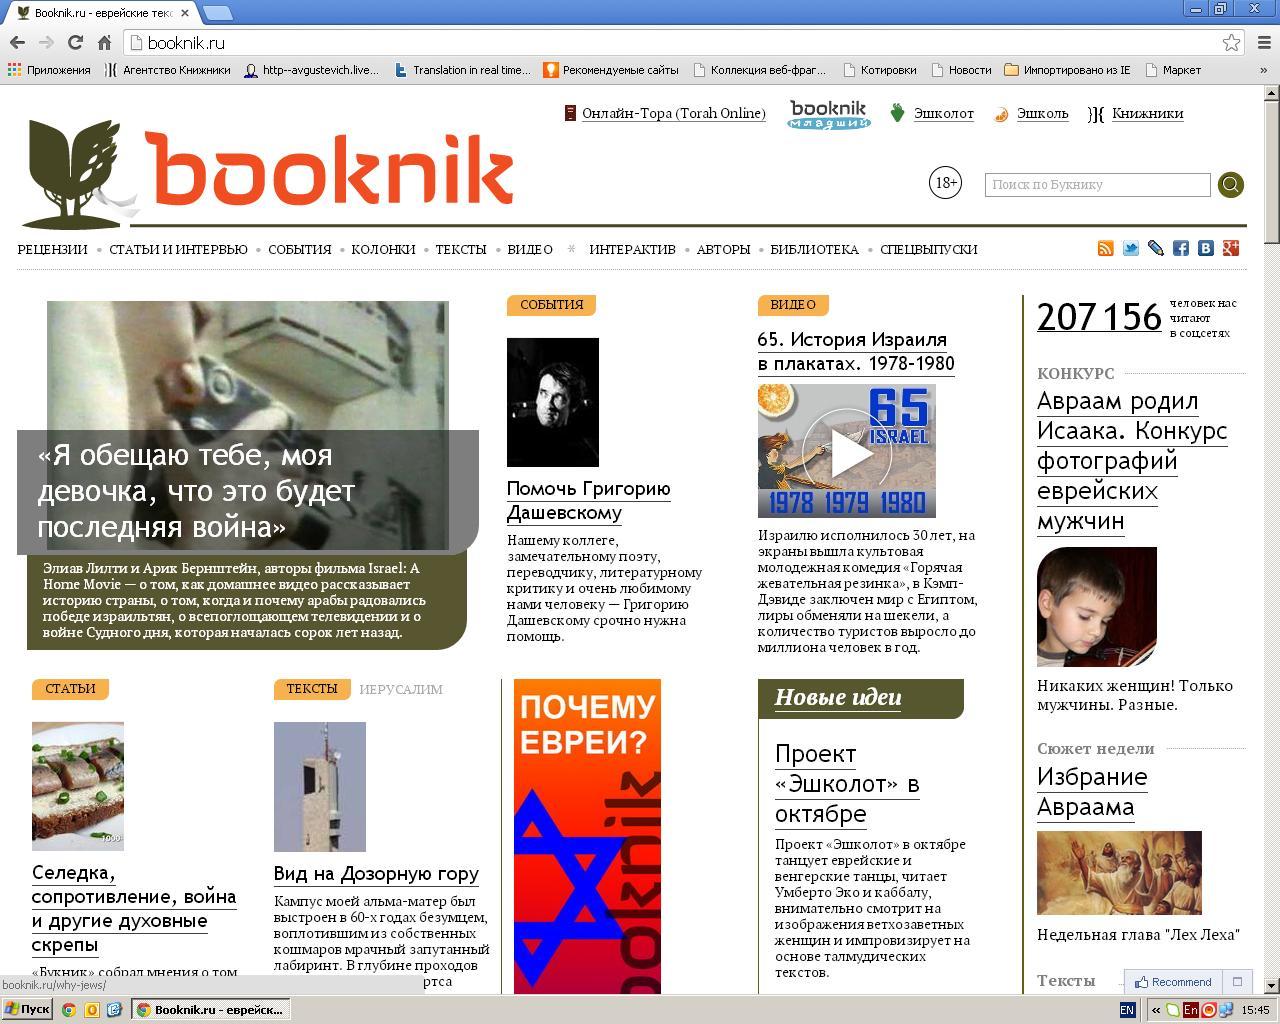 Booknik